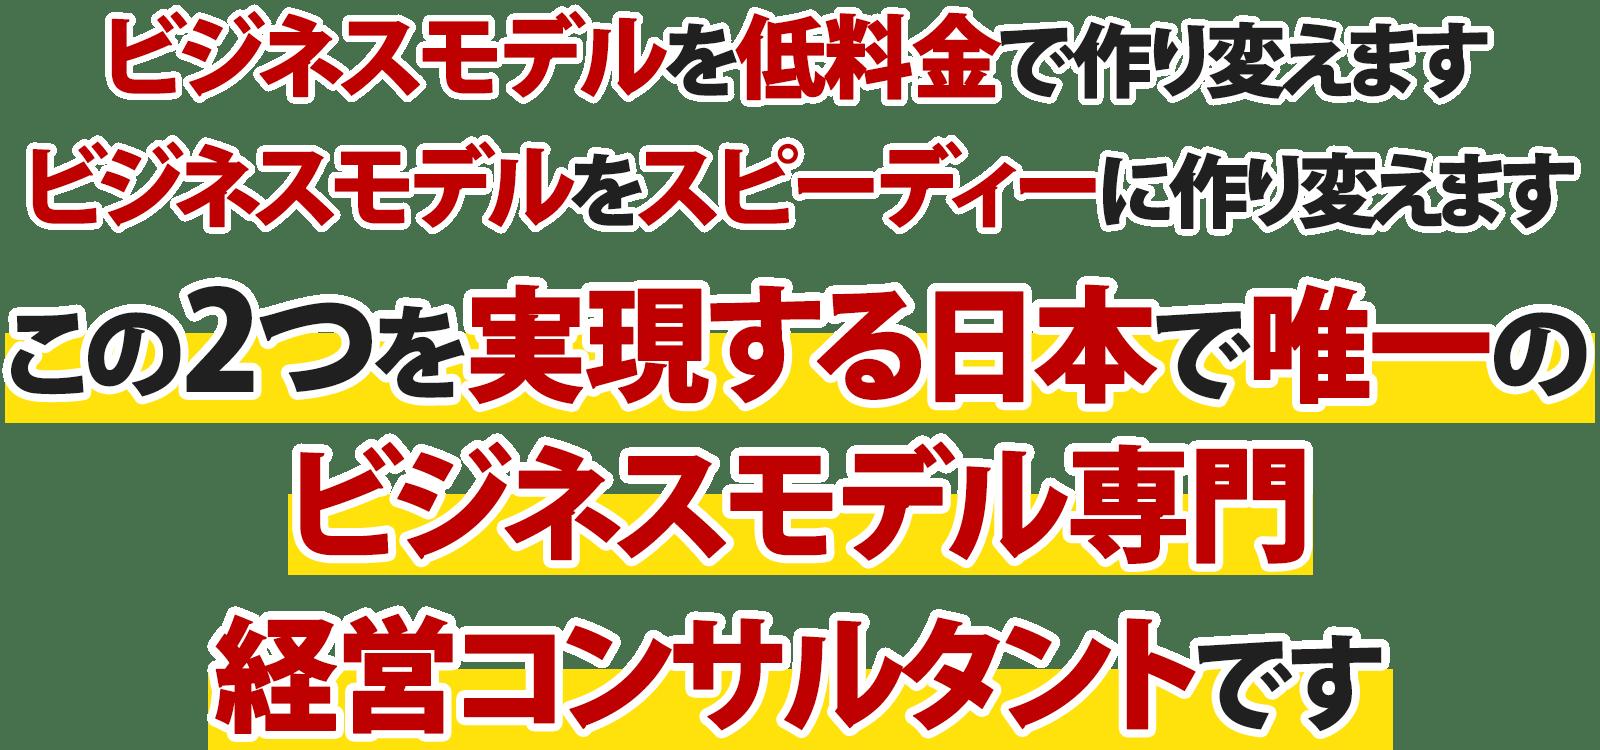 この2つを実現する日本で唯一のビジネスモデル専門経営コンサルタントです